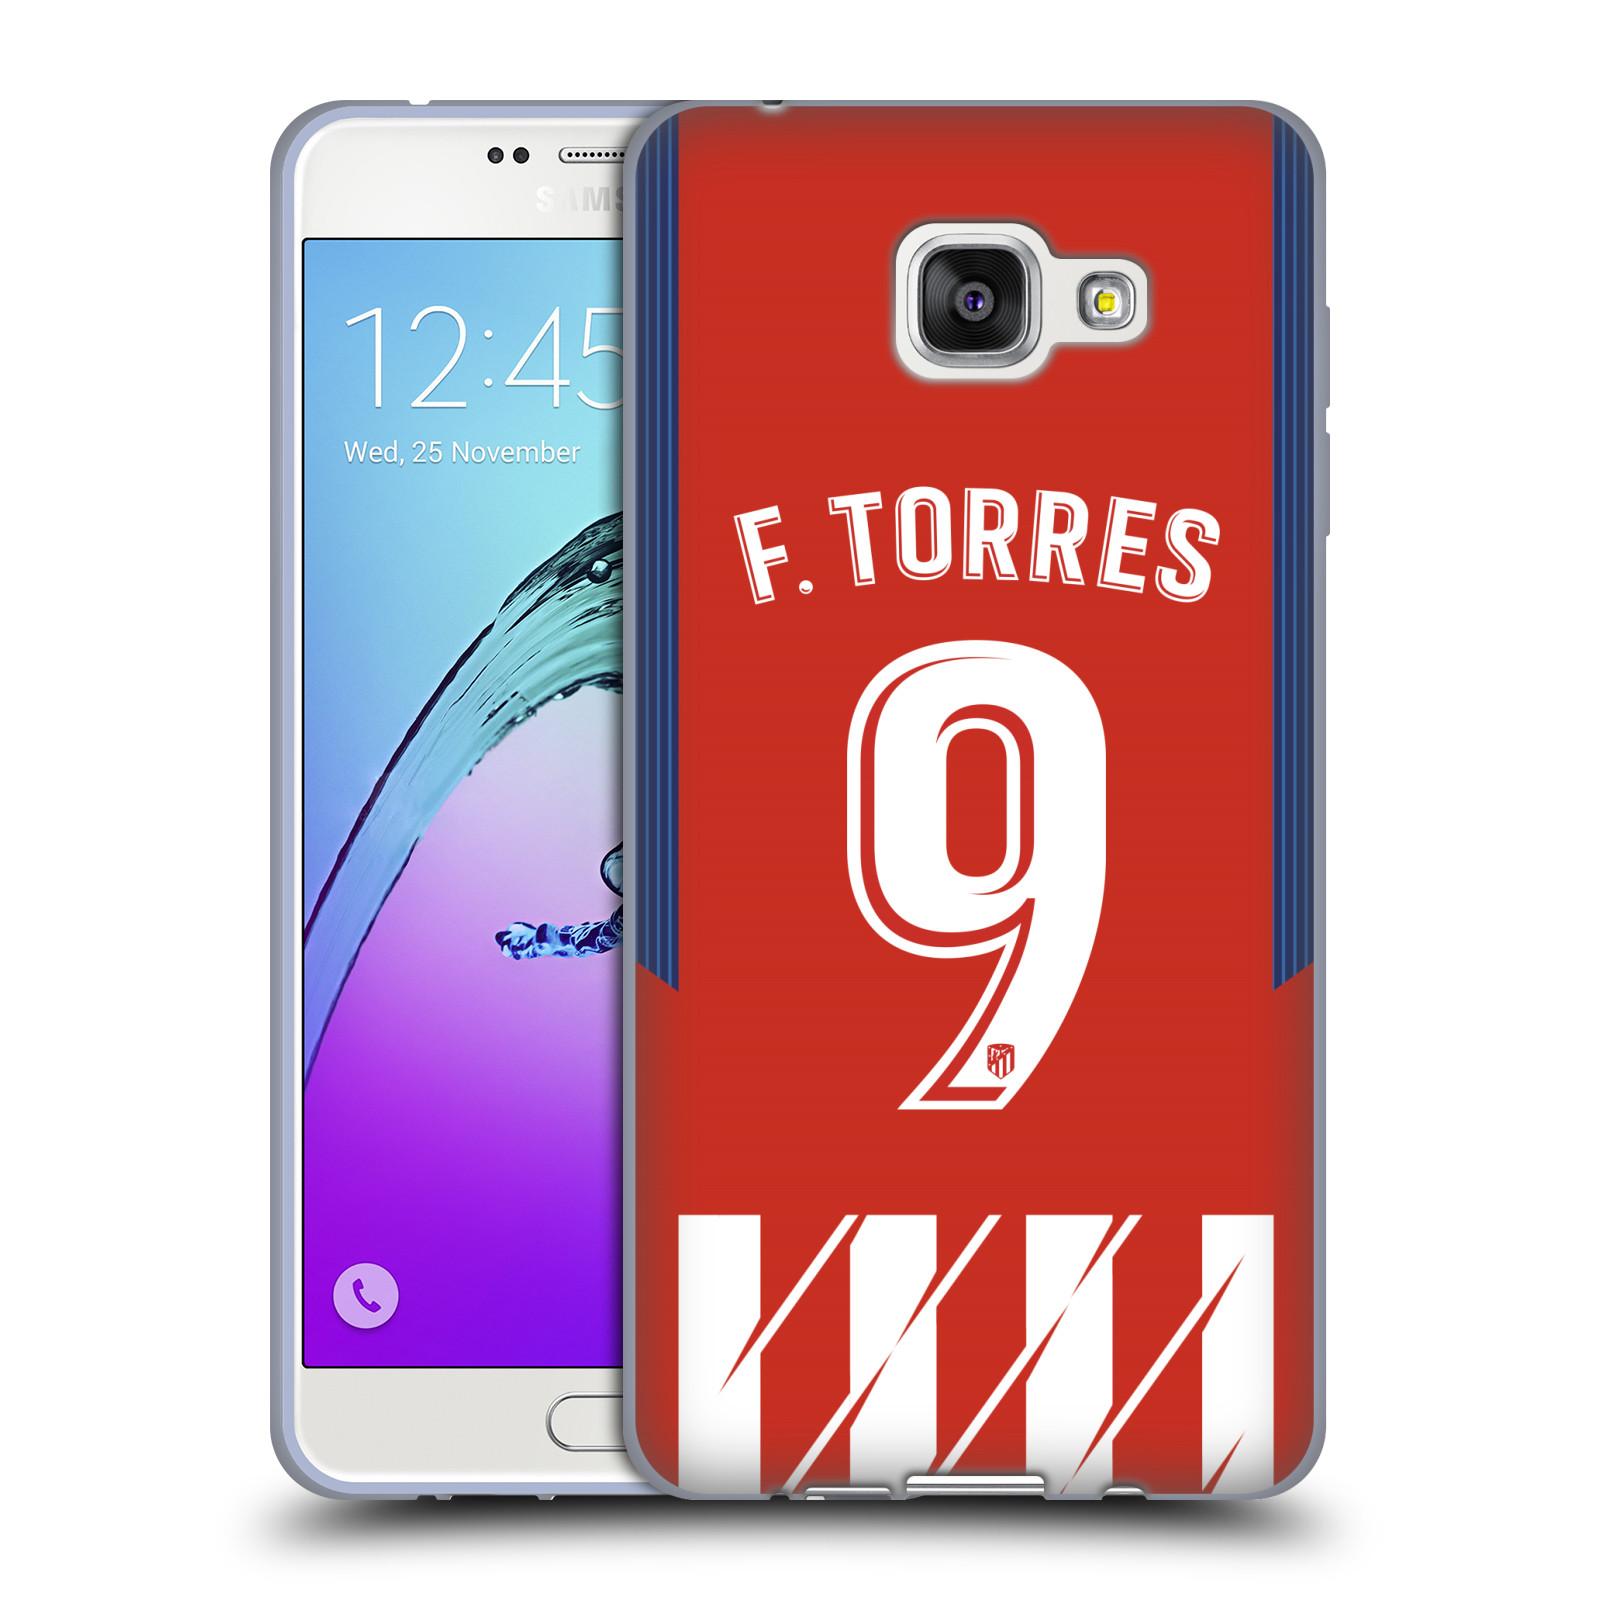 HEAD CASE silikonový obal na mobil Samsung Galaxy A7 2016 (A710) Fotbalový klub Atlético Madrid dres Fernando Torres